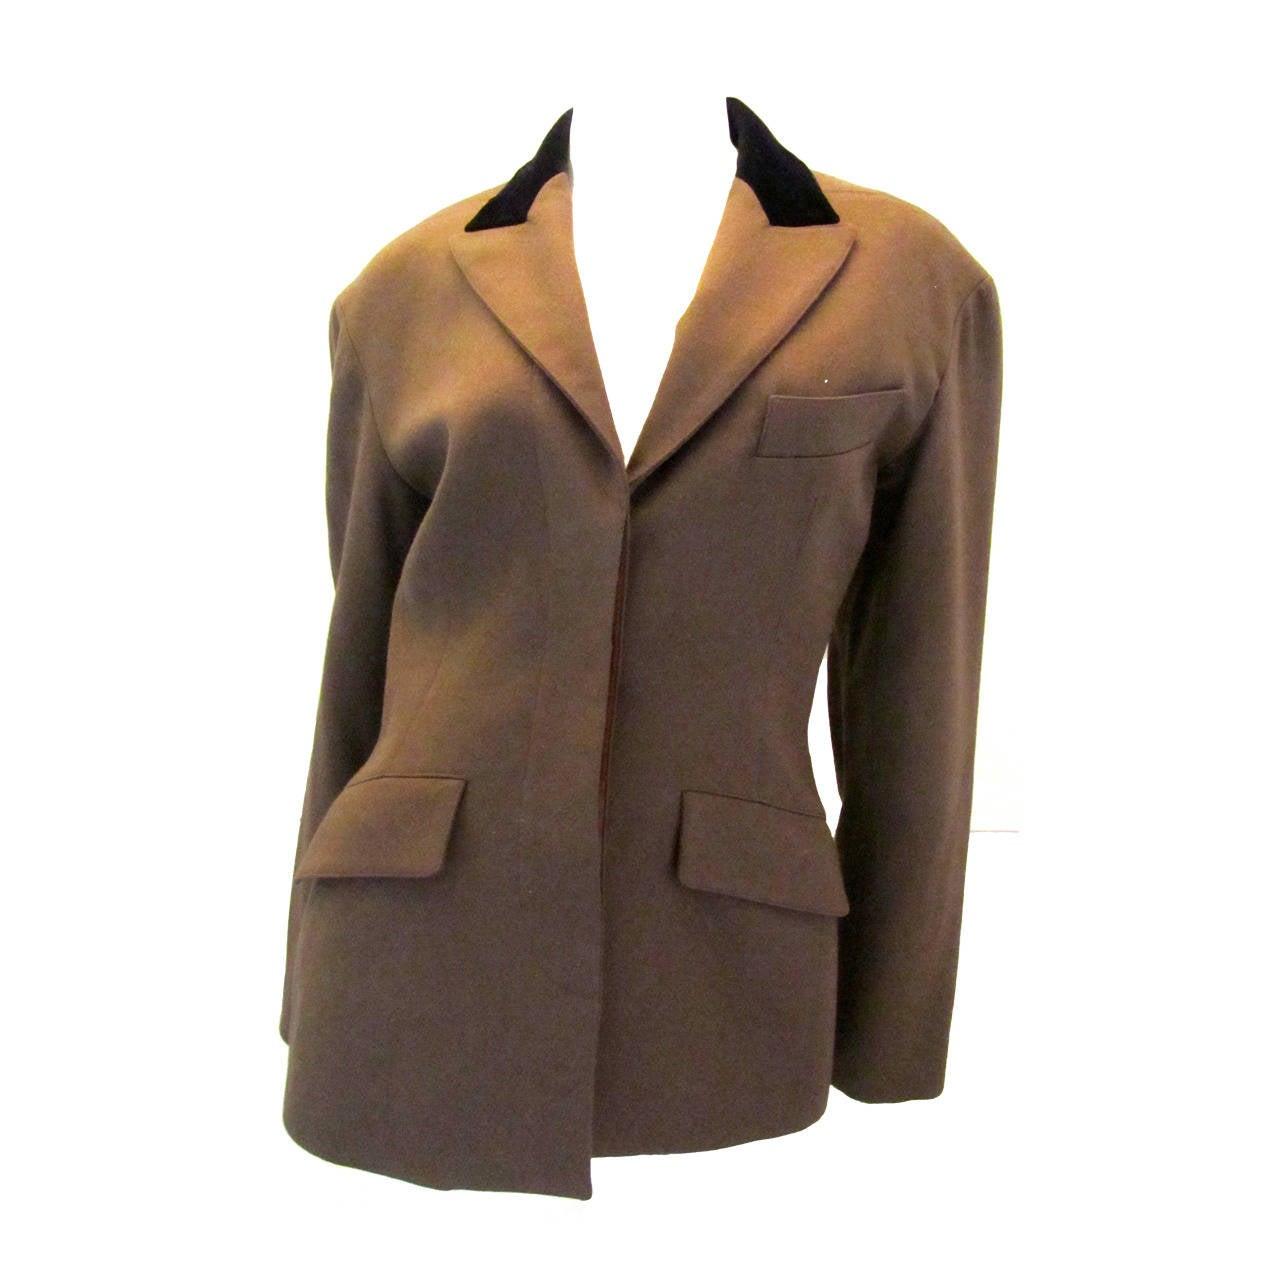 Vintage Alaia Jacket - Brown Wool and Black Velvet - 1980's